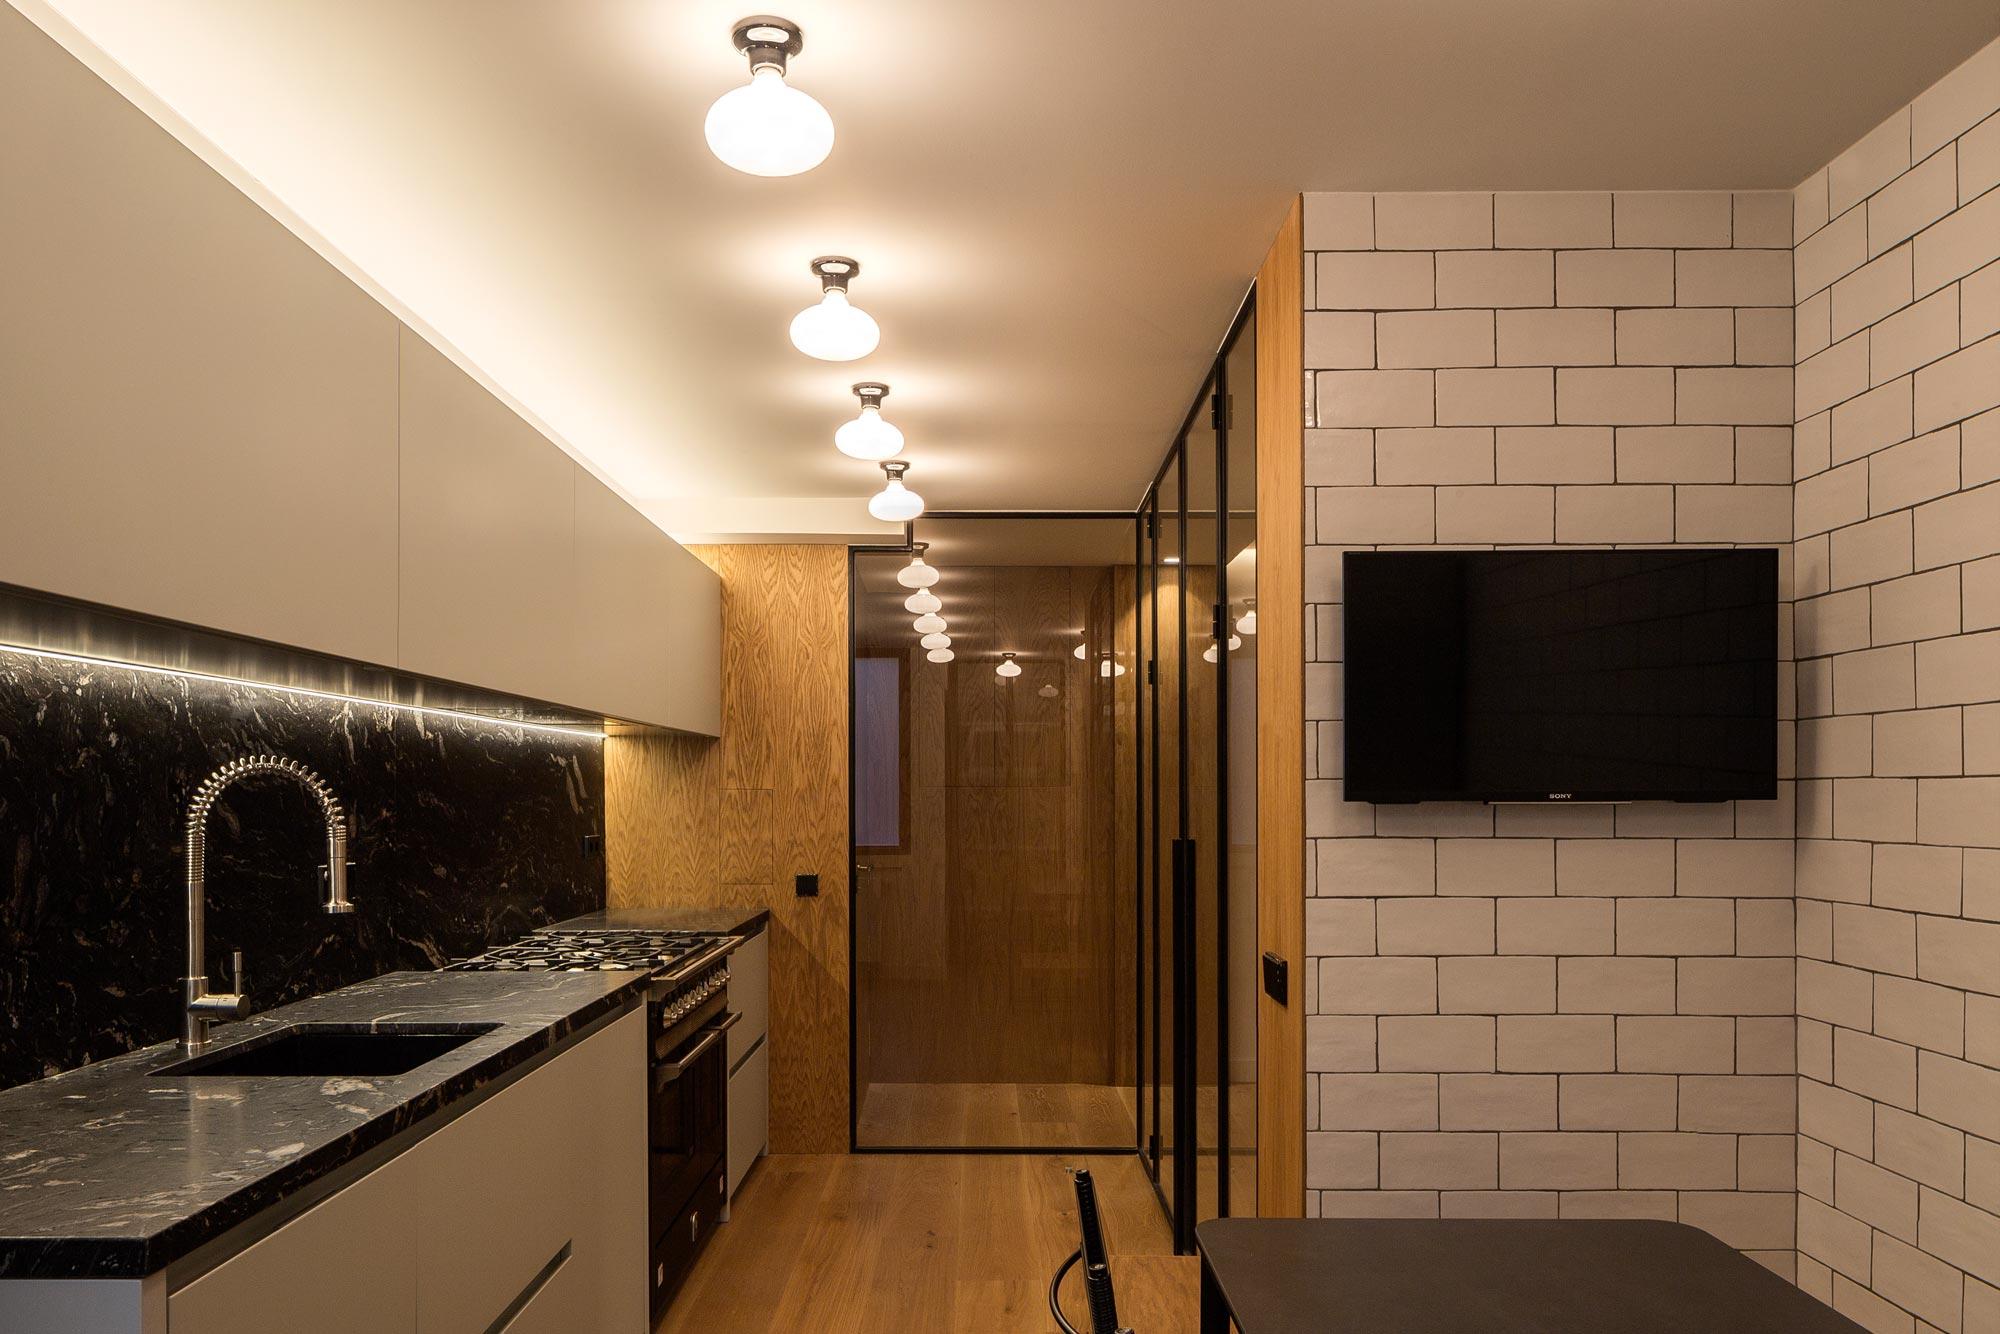 Proyectos de Iluminación casas Madrid | Light & Studio